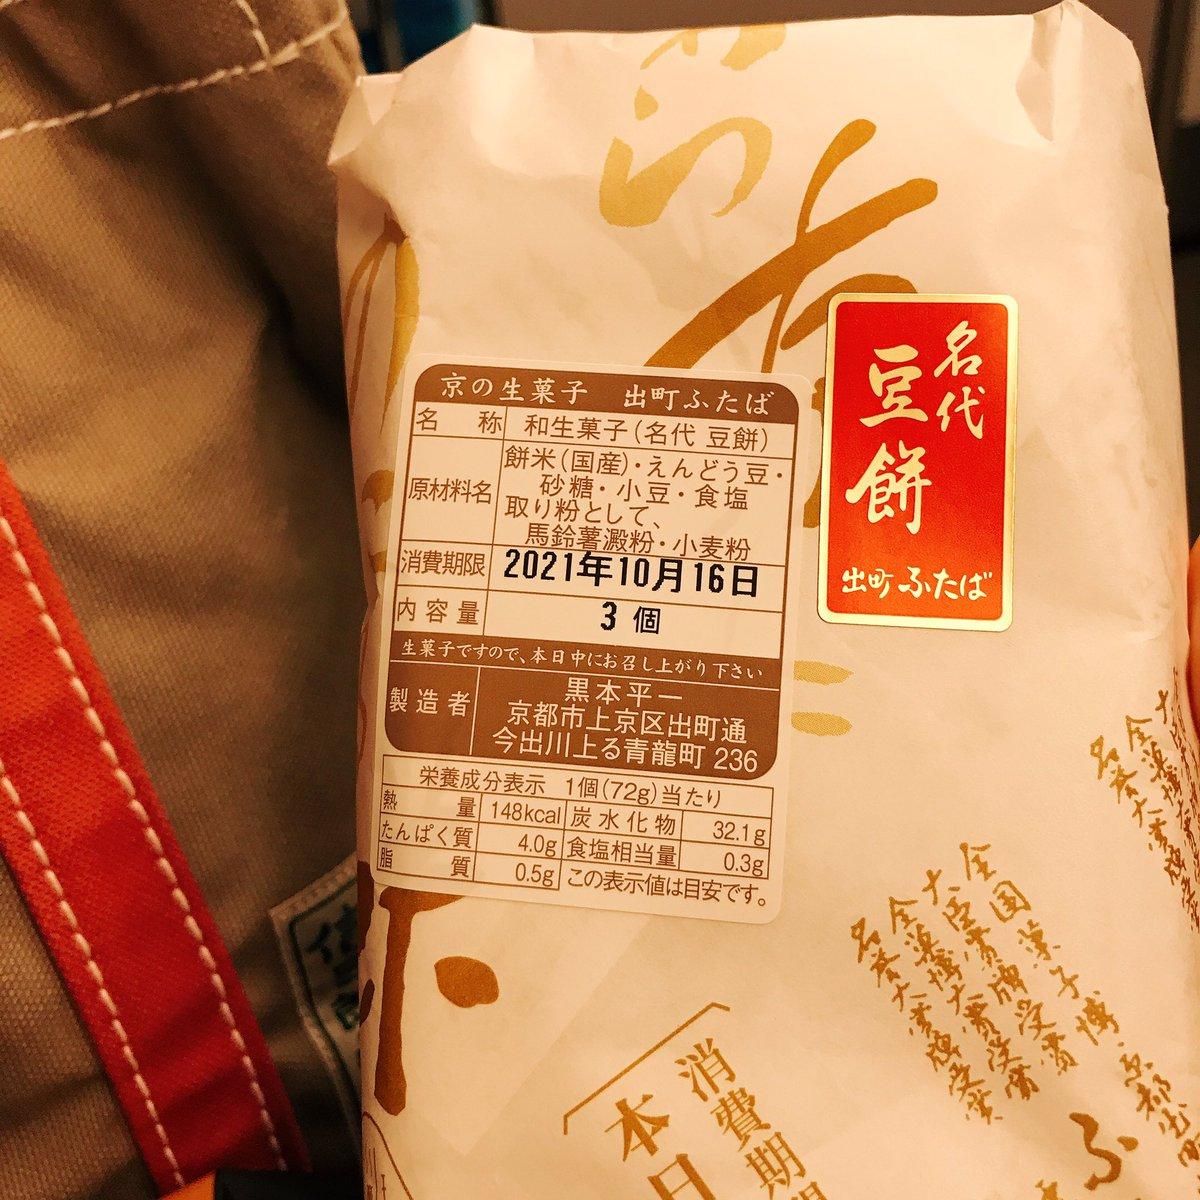 test ツイッターメディア - 出町ふたばの豆餅が、京都の新幹線駅構内で買えるようになっていた。(もう帰るヨ) https://t.co/lc9D7RJP1A